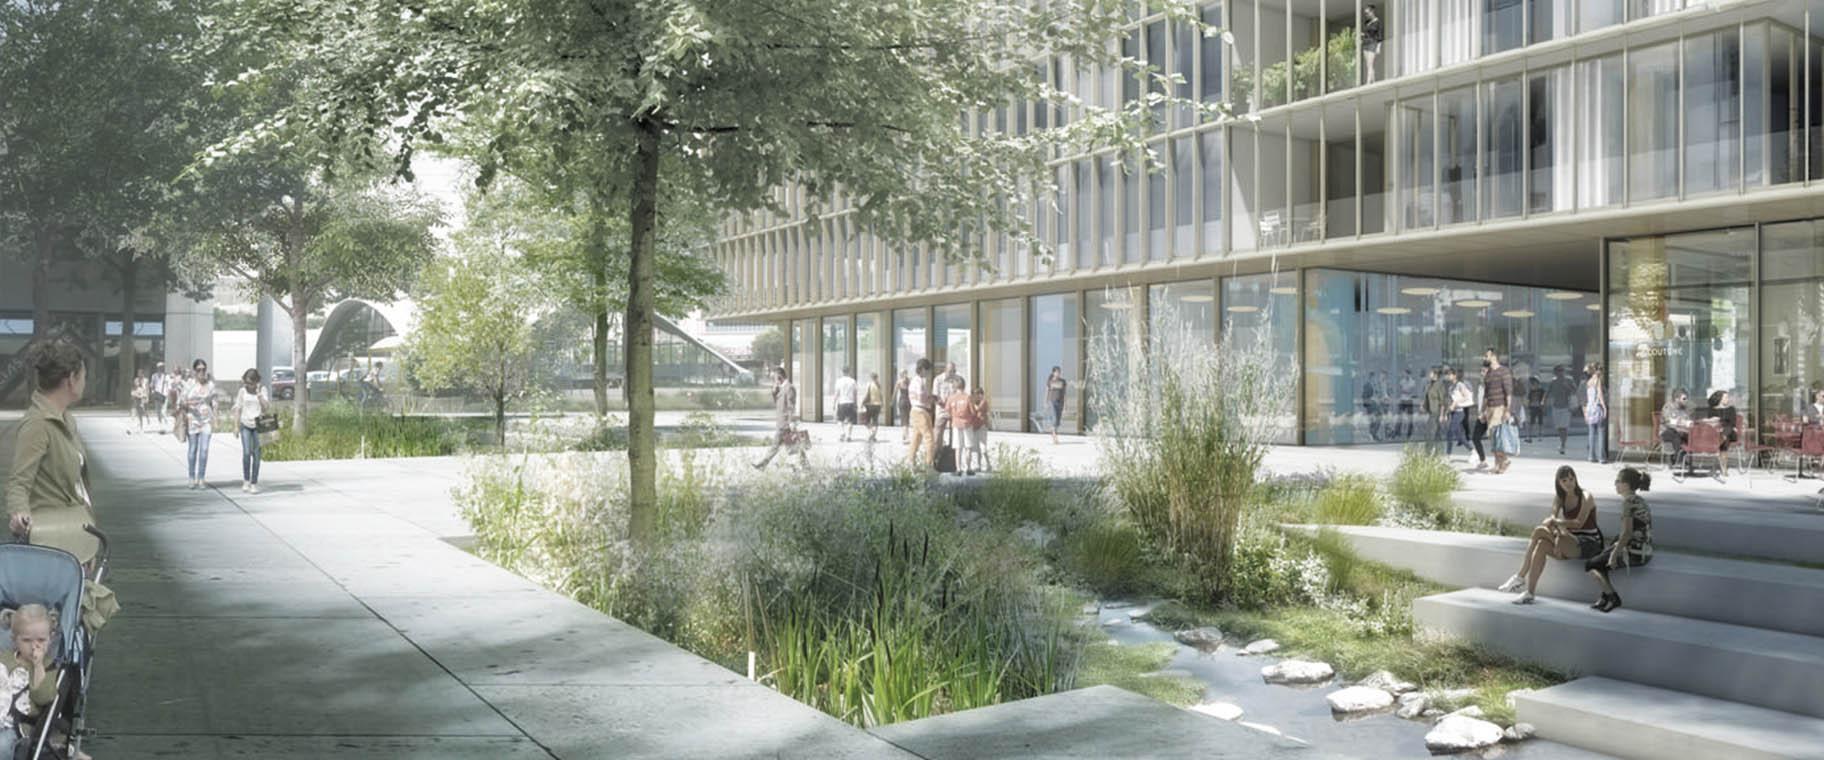 Renaturation de la Drize et aménagements paysagers pour le concours PAV Etoile 1 de la banque Pictet.